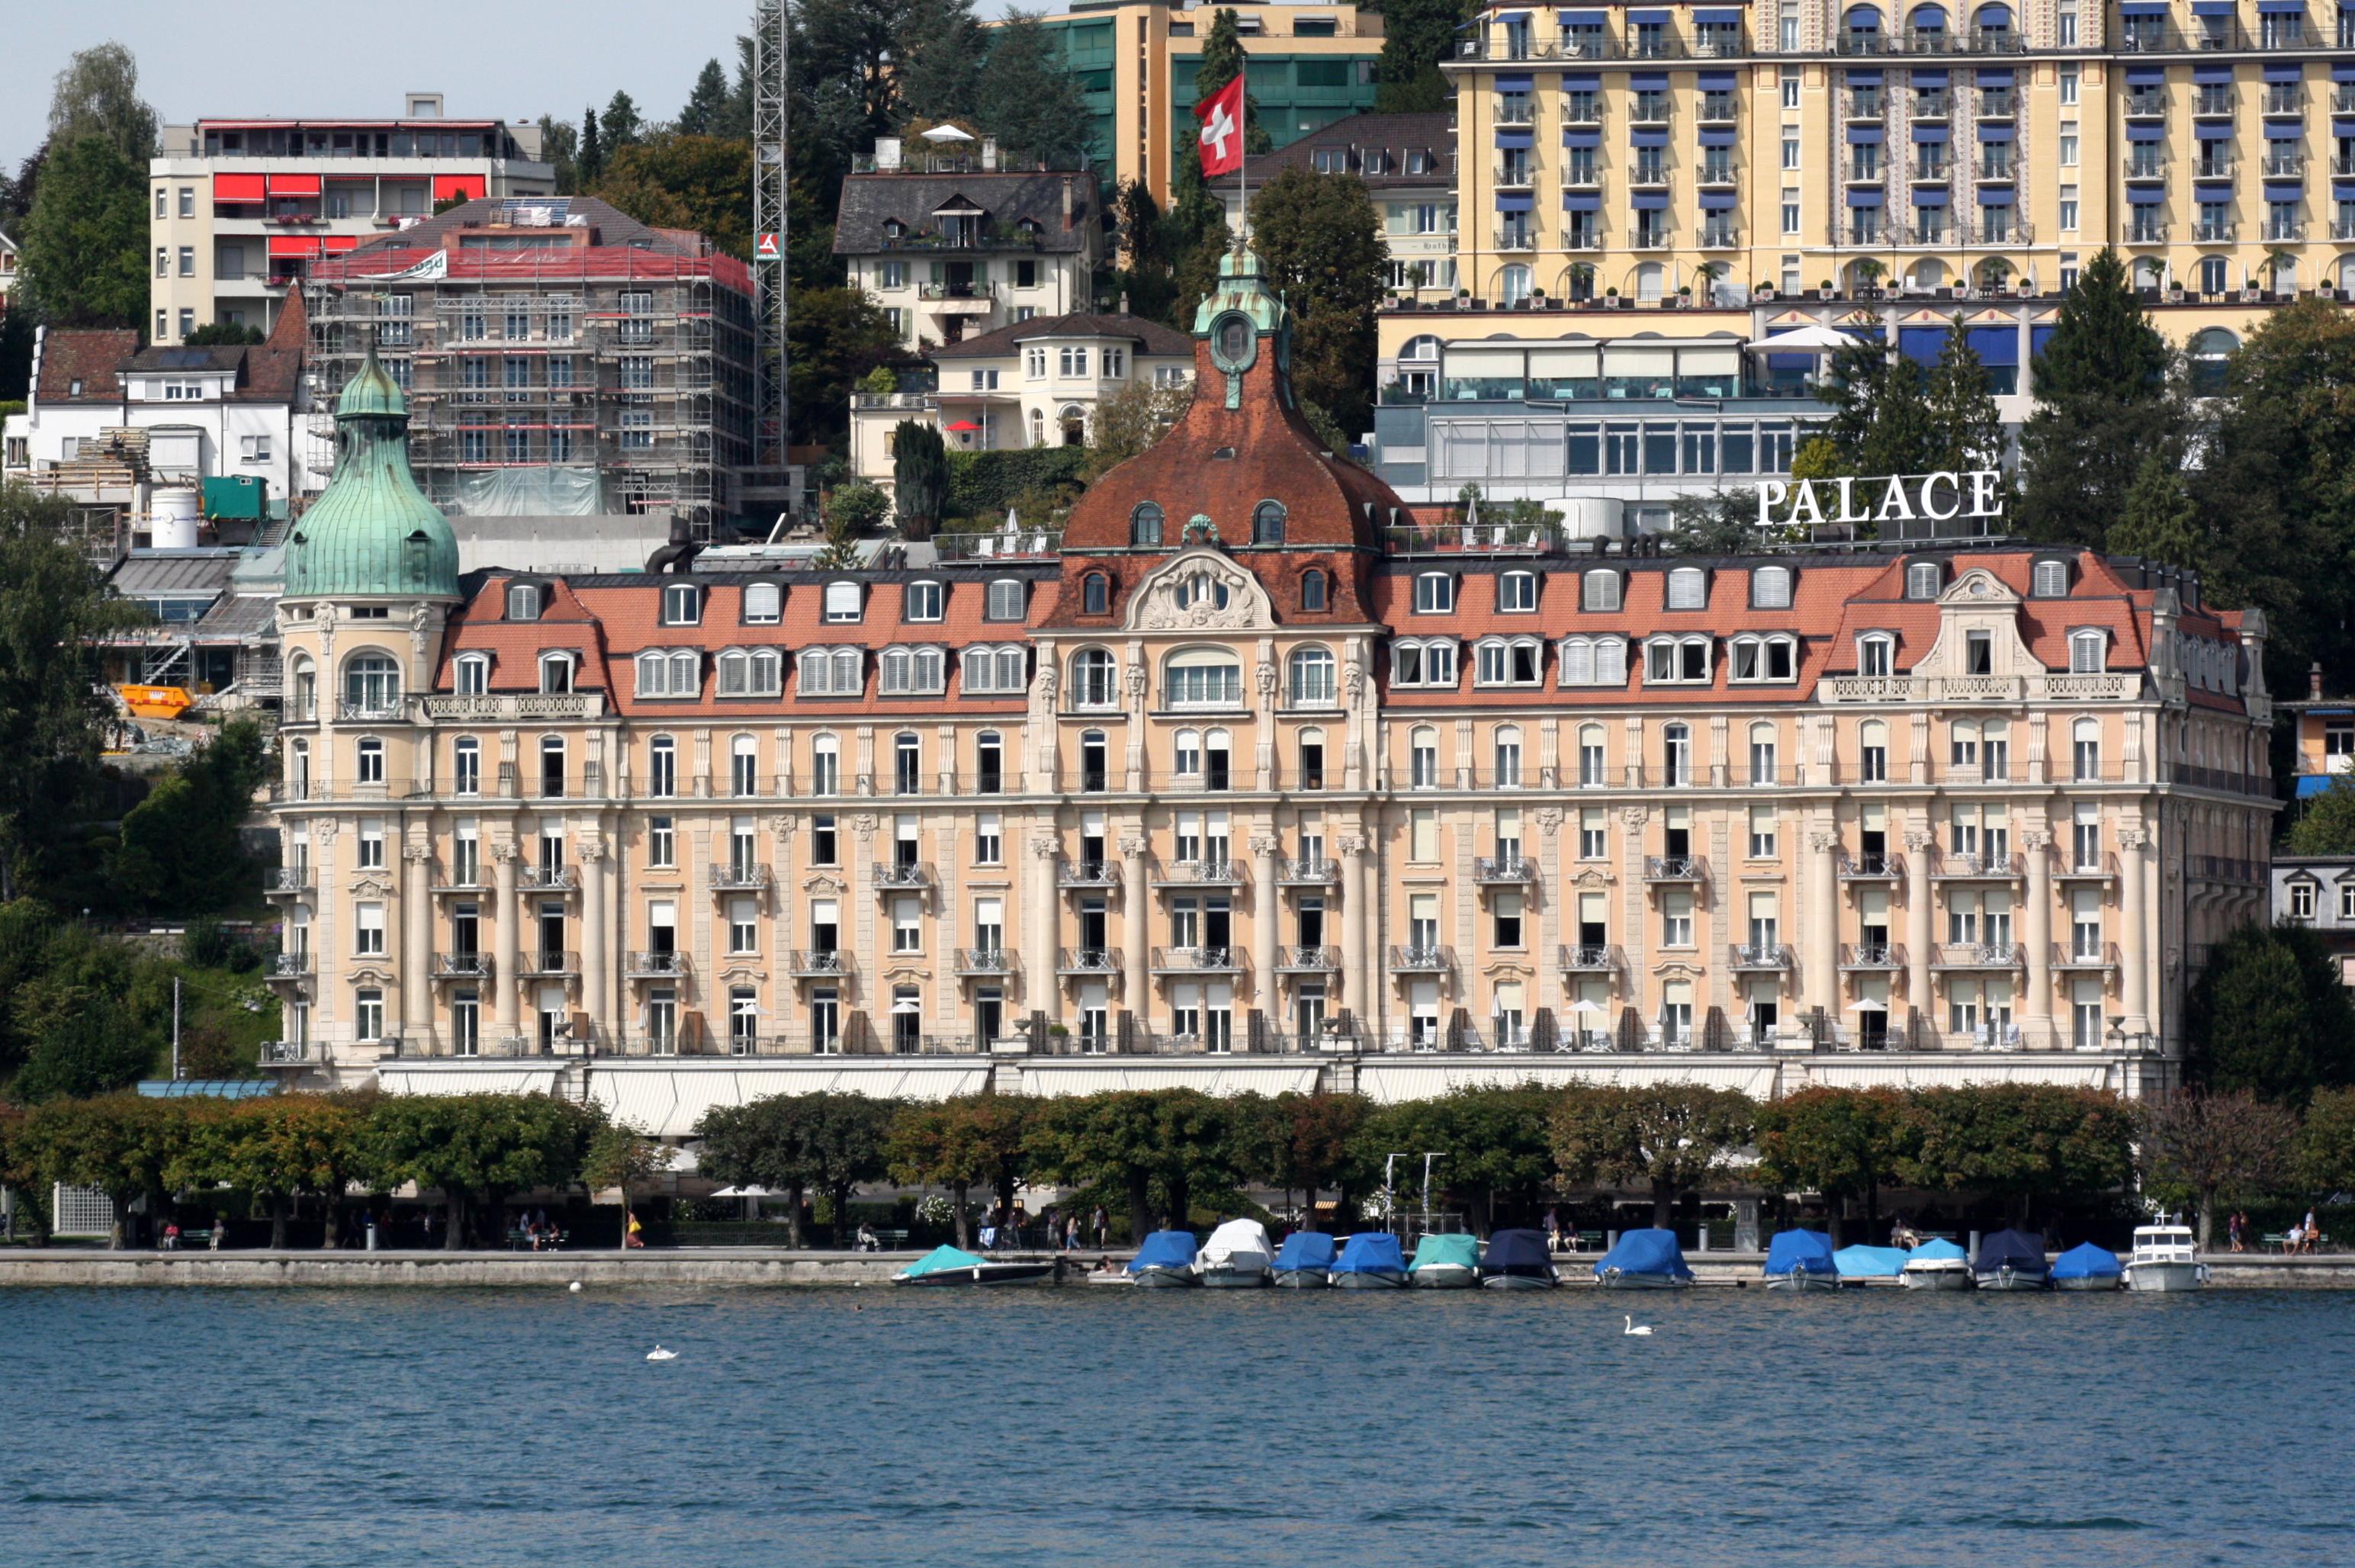 Palace Hotel Lucerne Switzerland